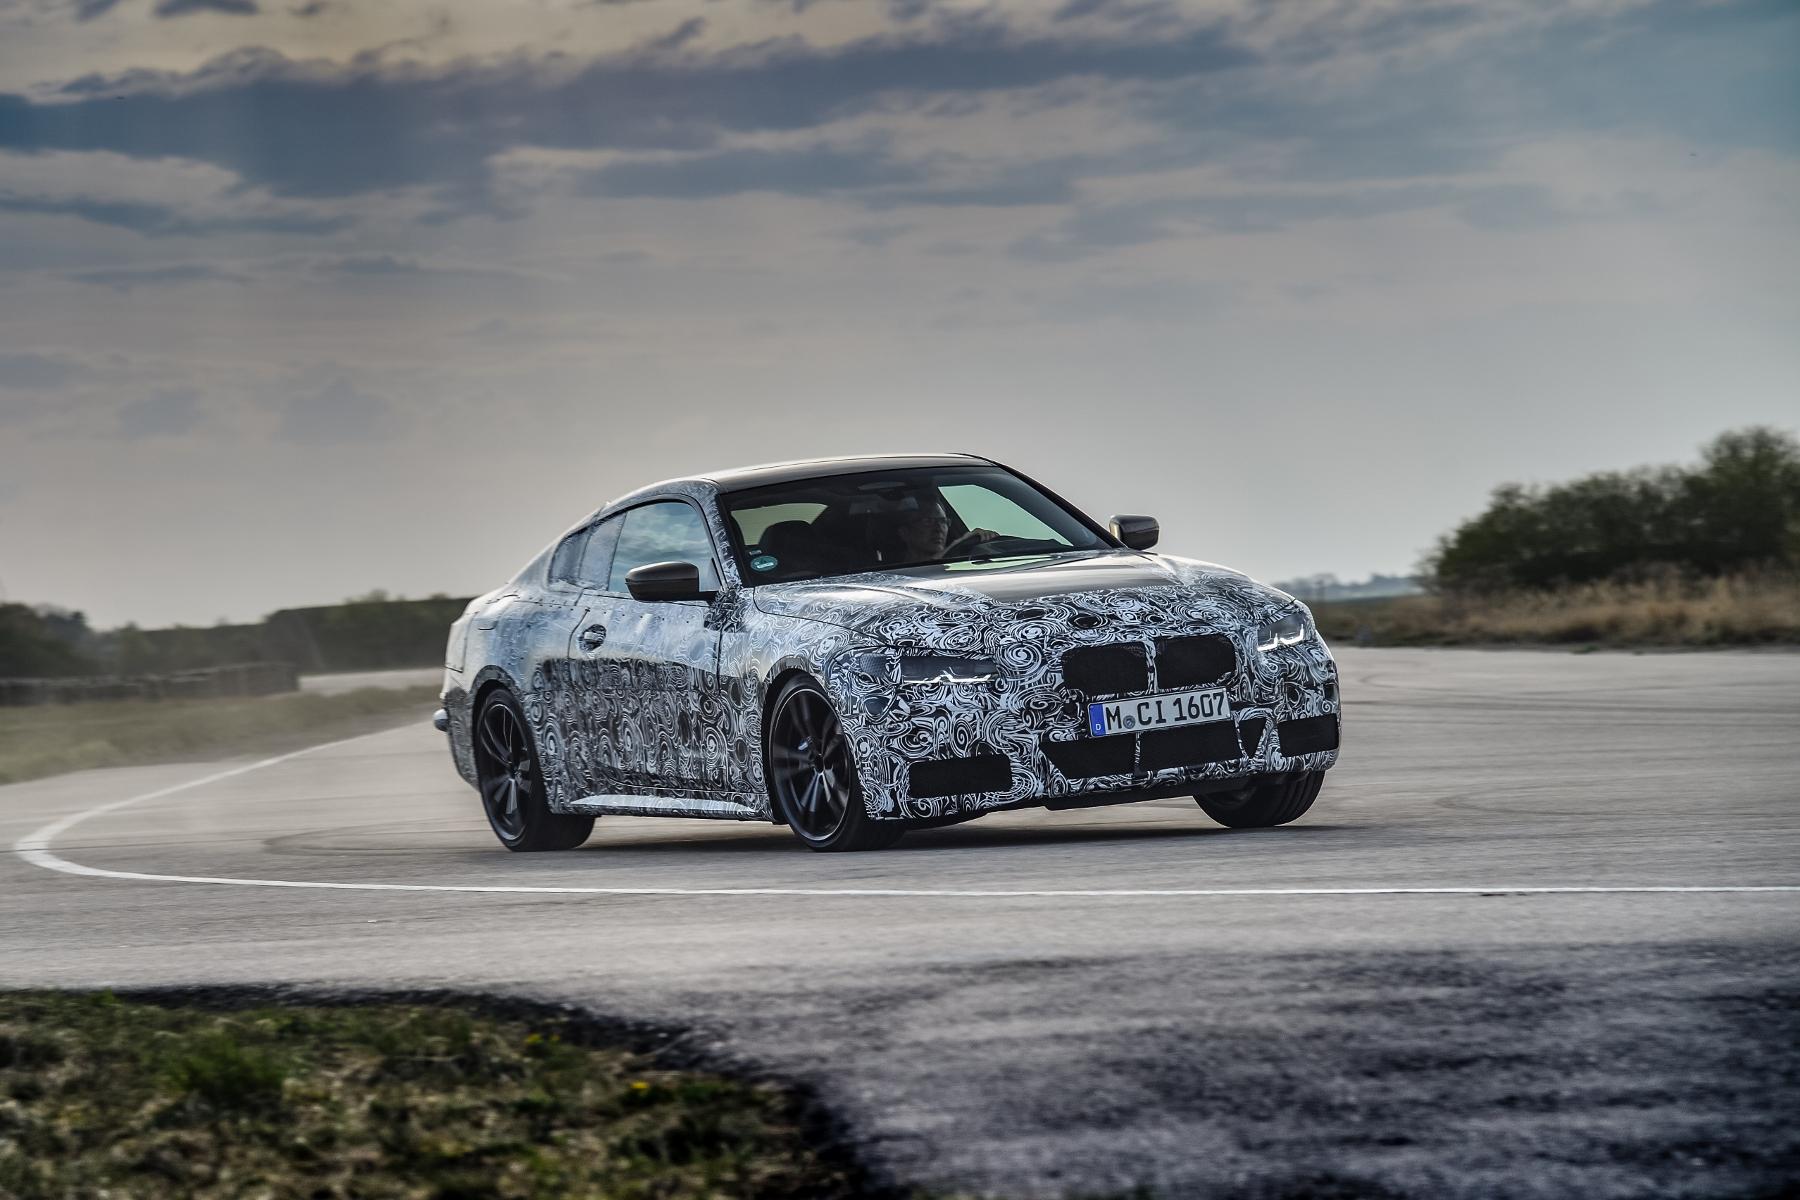 Nové BMW radu 4 Coupé dostane športovejší podvozok kgypR1B89D bmw-4-coupe-3